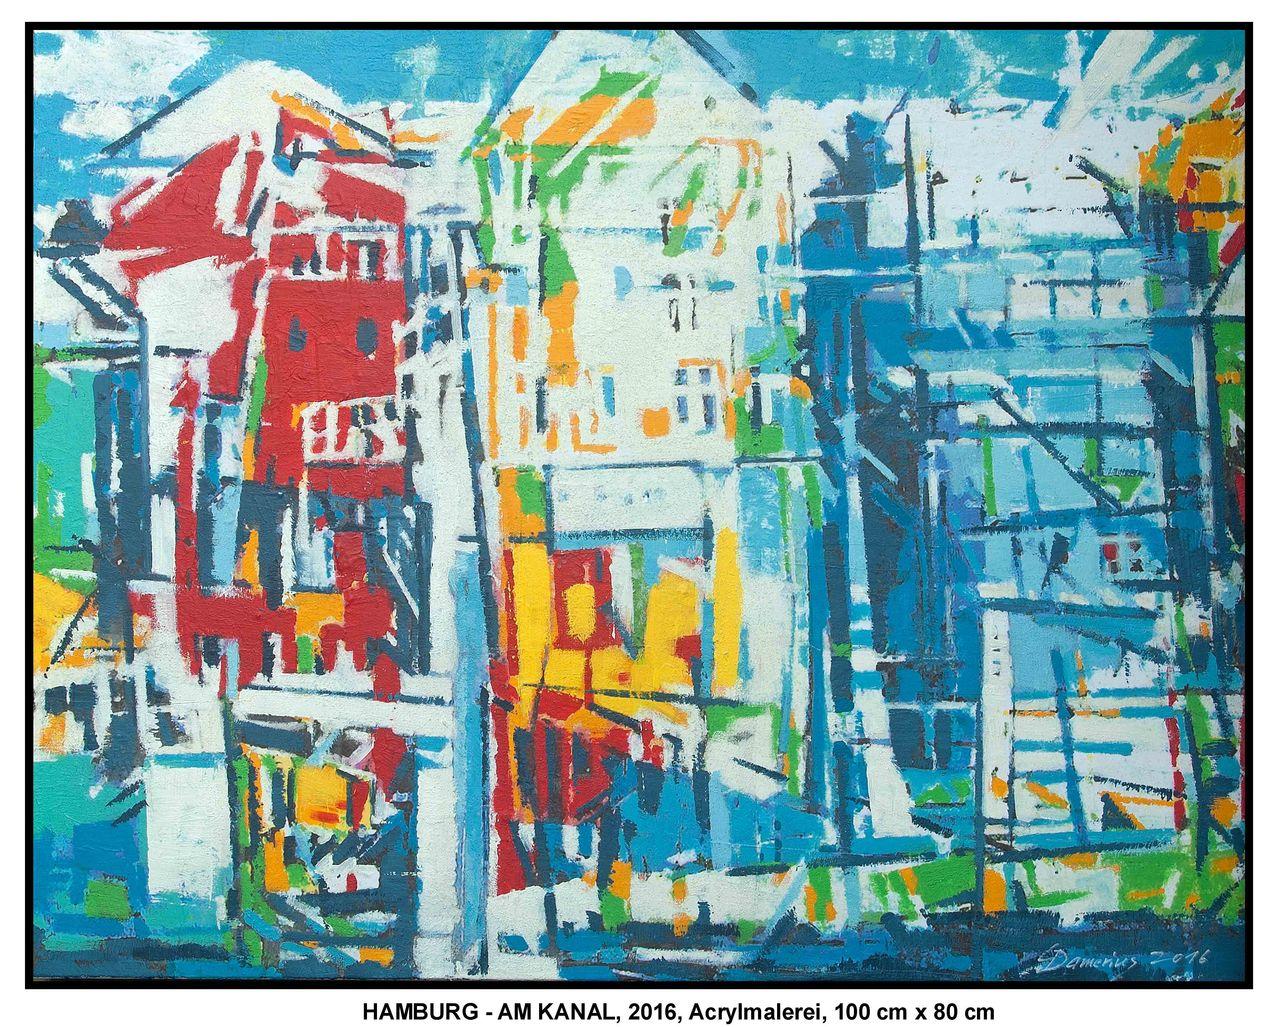 hamburg am kanal himmel wasser rot schwarz acrylmalerei von christian damerius bei kunstnet. Black Bedroom Furniture Sets. Home Design Ideas